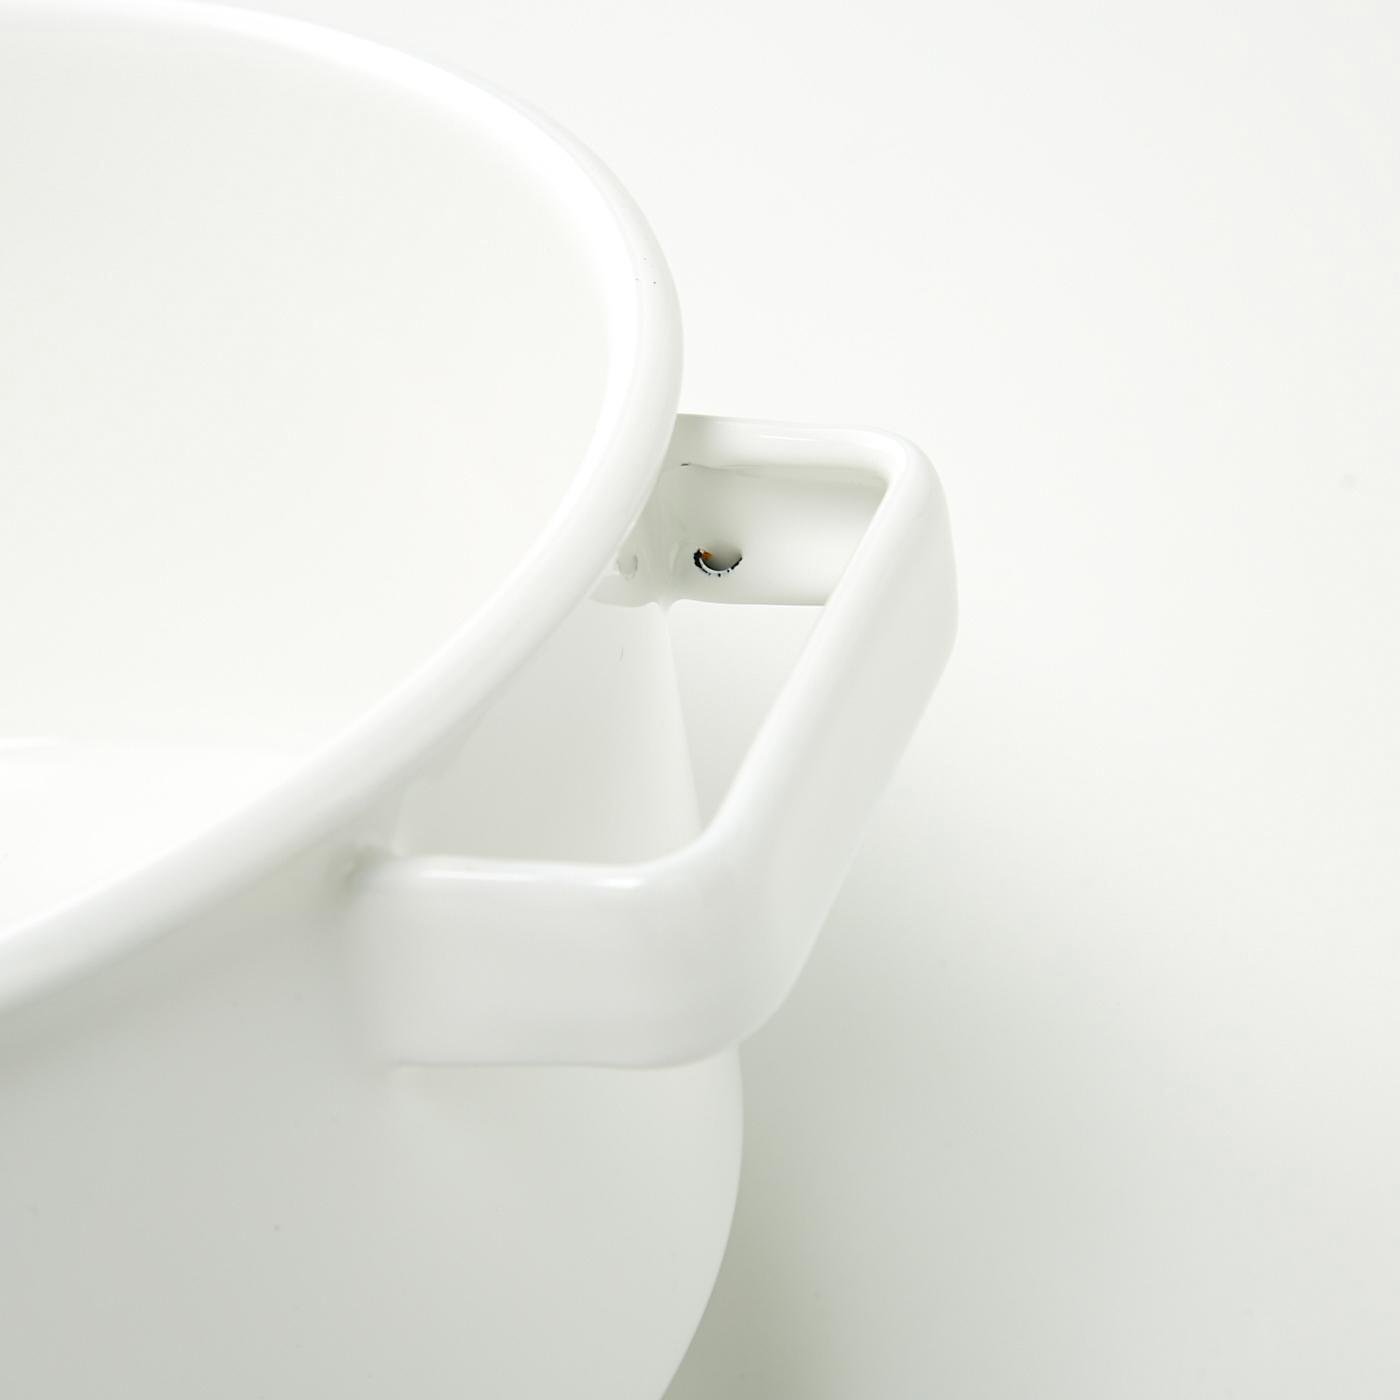 鍋のふちの裏側や取っ手の裏側などに黒い箇所がありますが、釉薬をかける工程上できるもので、不良ではありません。